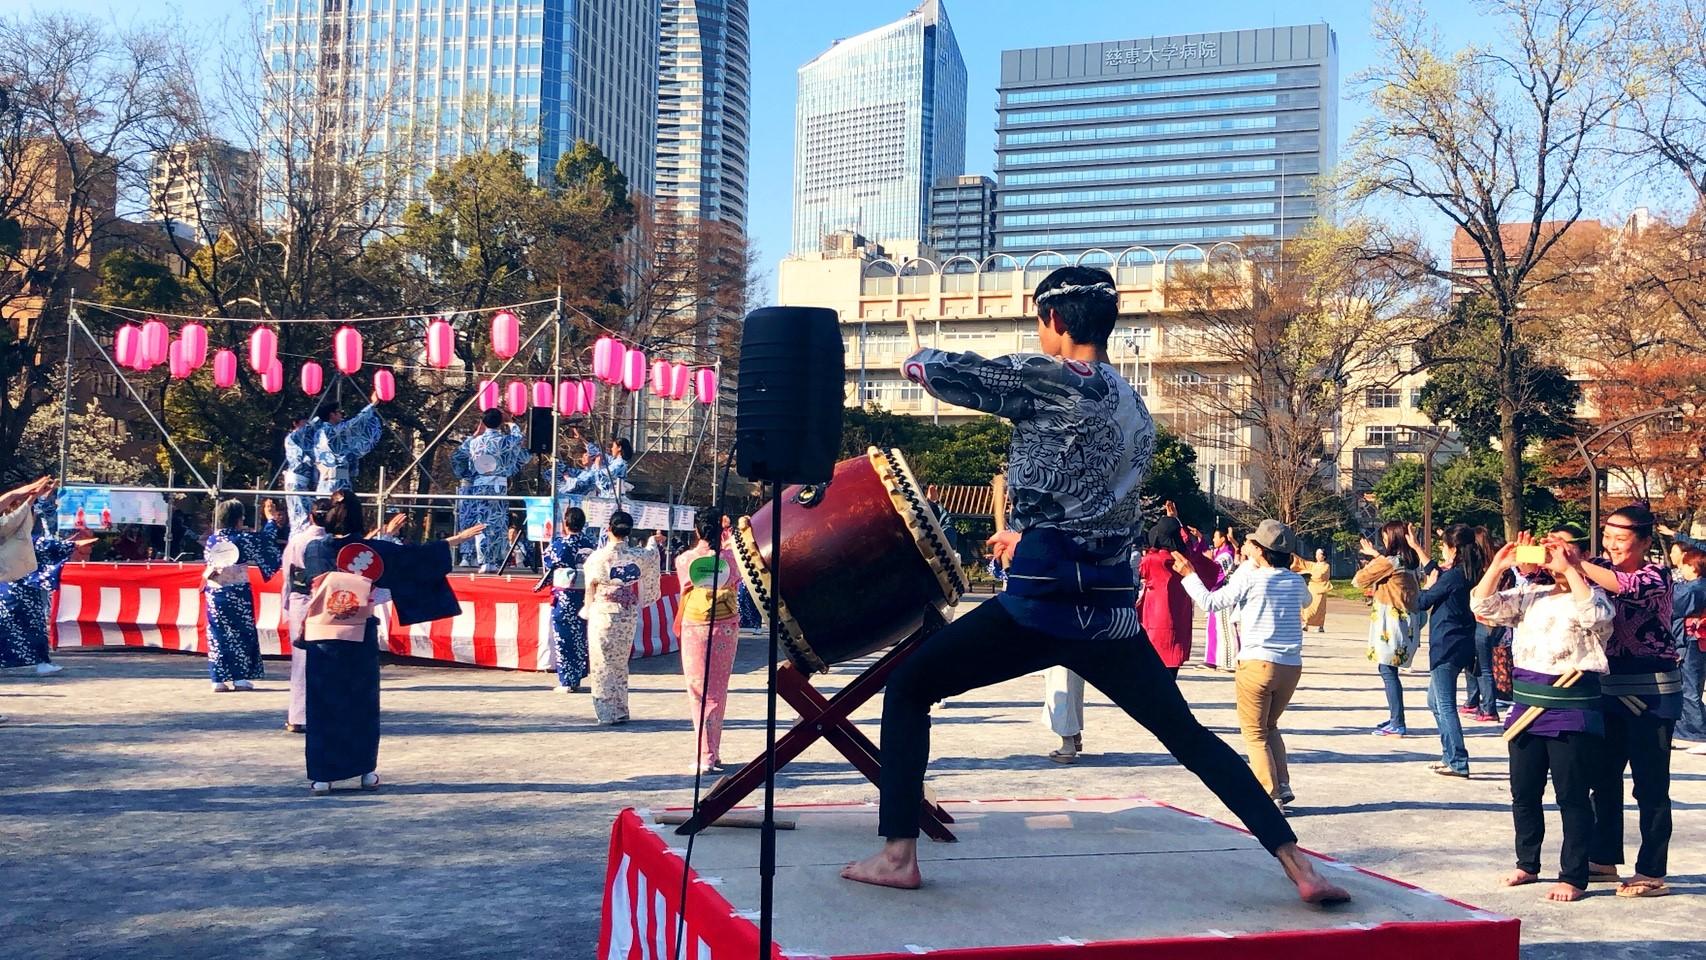 2018/03/25 芝公園盆踊り大会_180325_0025